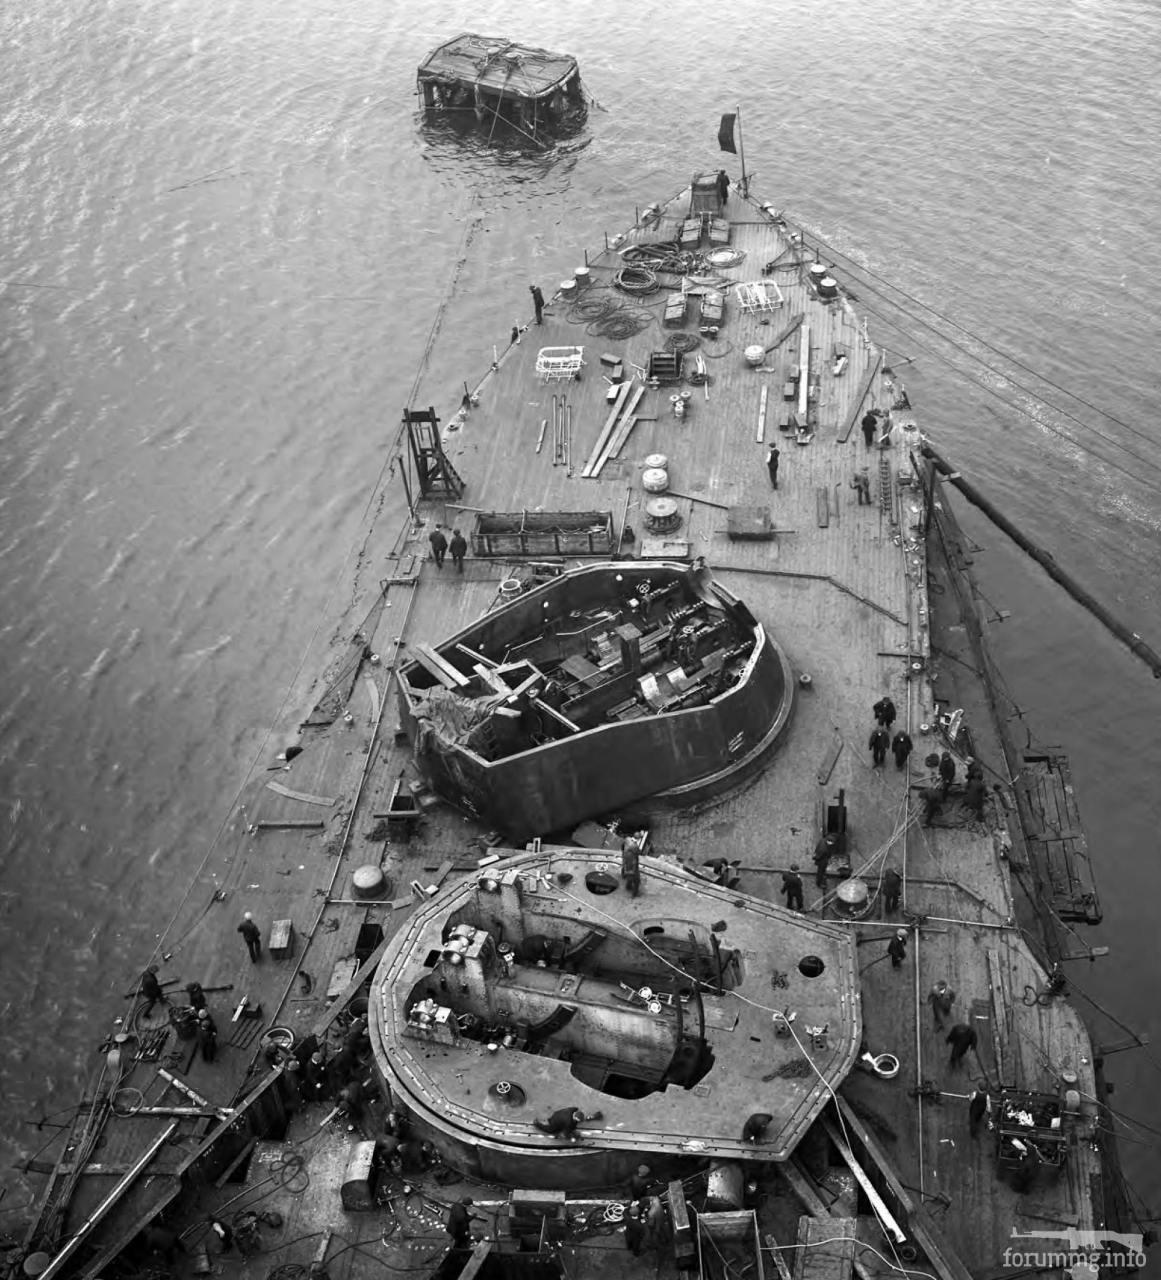 126192 - Броненосцы, дредноуты, линкоры и крейсера Британии